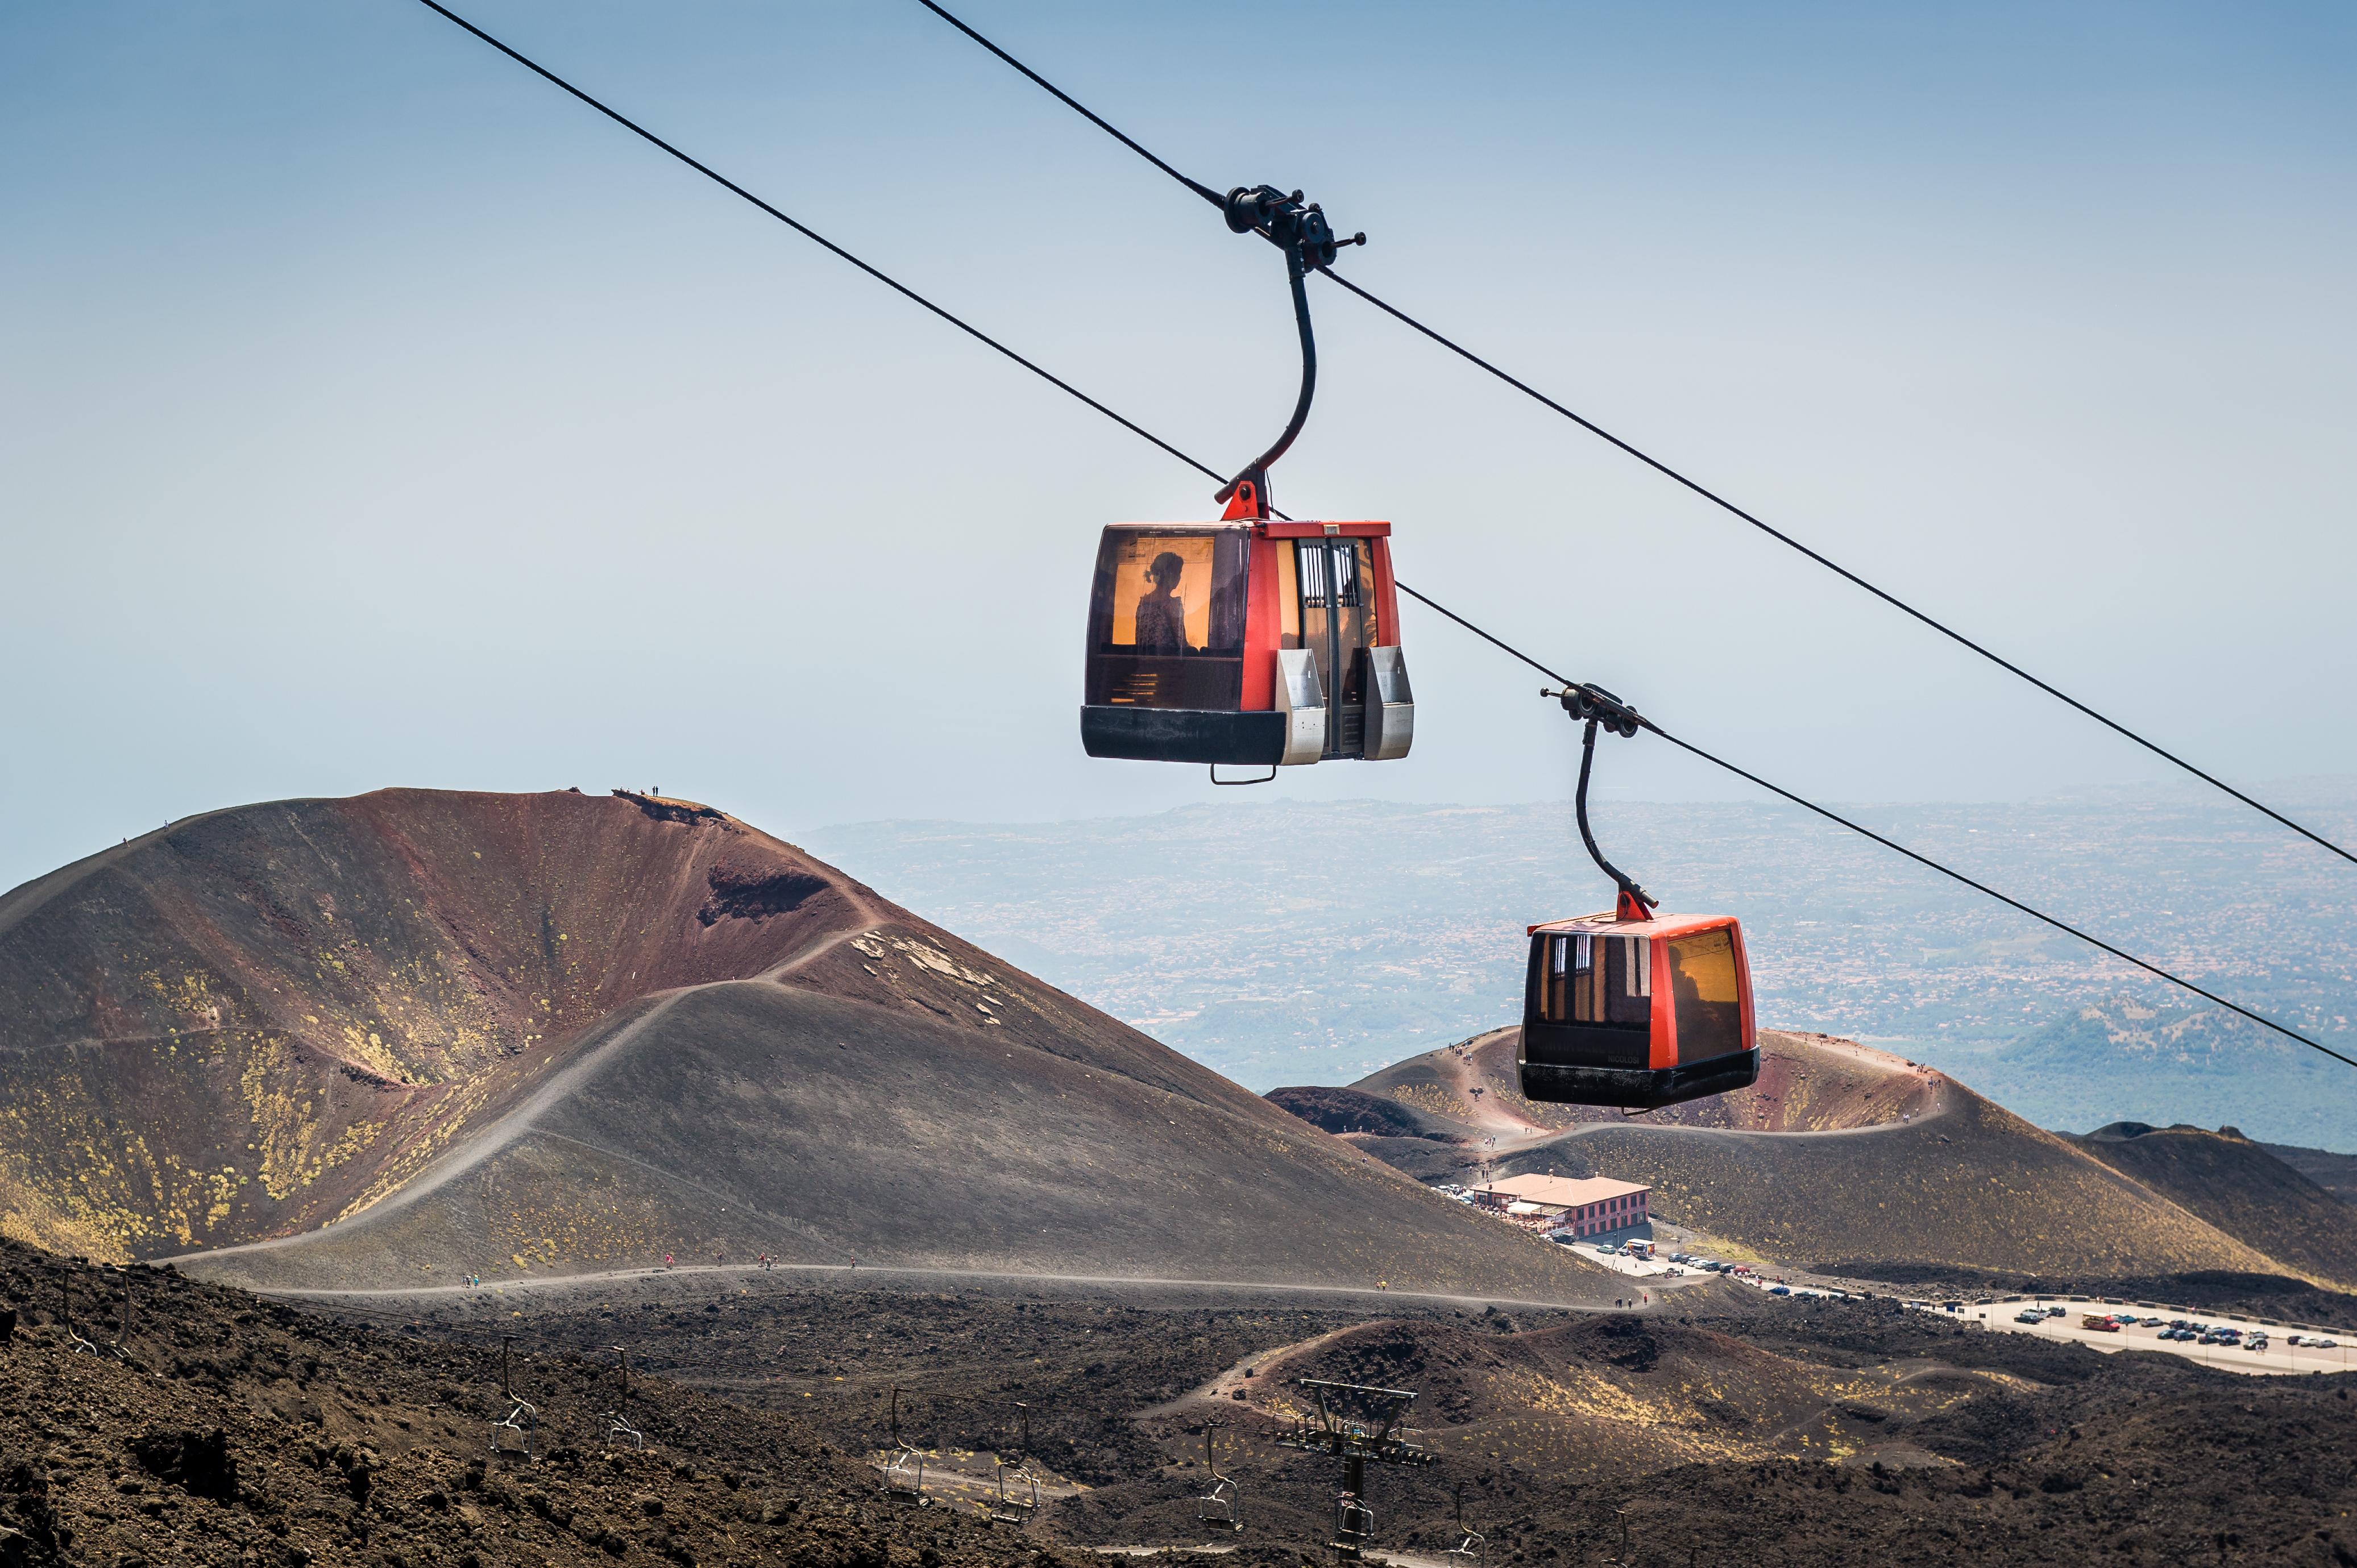 Asciende al volcán más feroz y vislumbra el borde del sobrecogedor cráter - Italia Circuito Sicilia Clásica